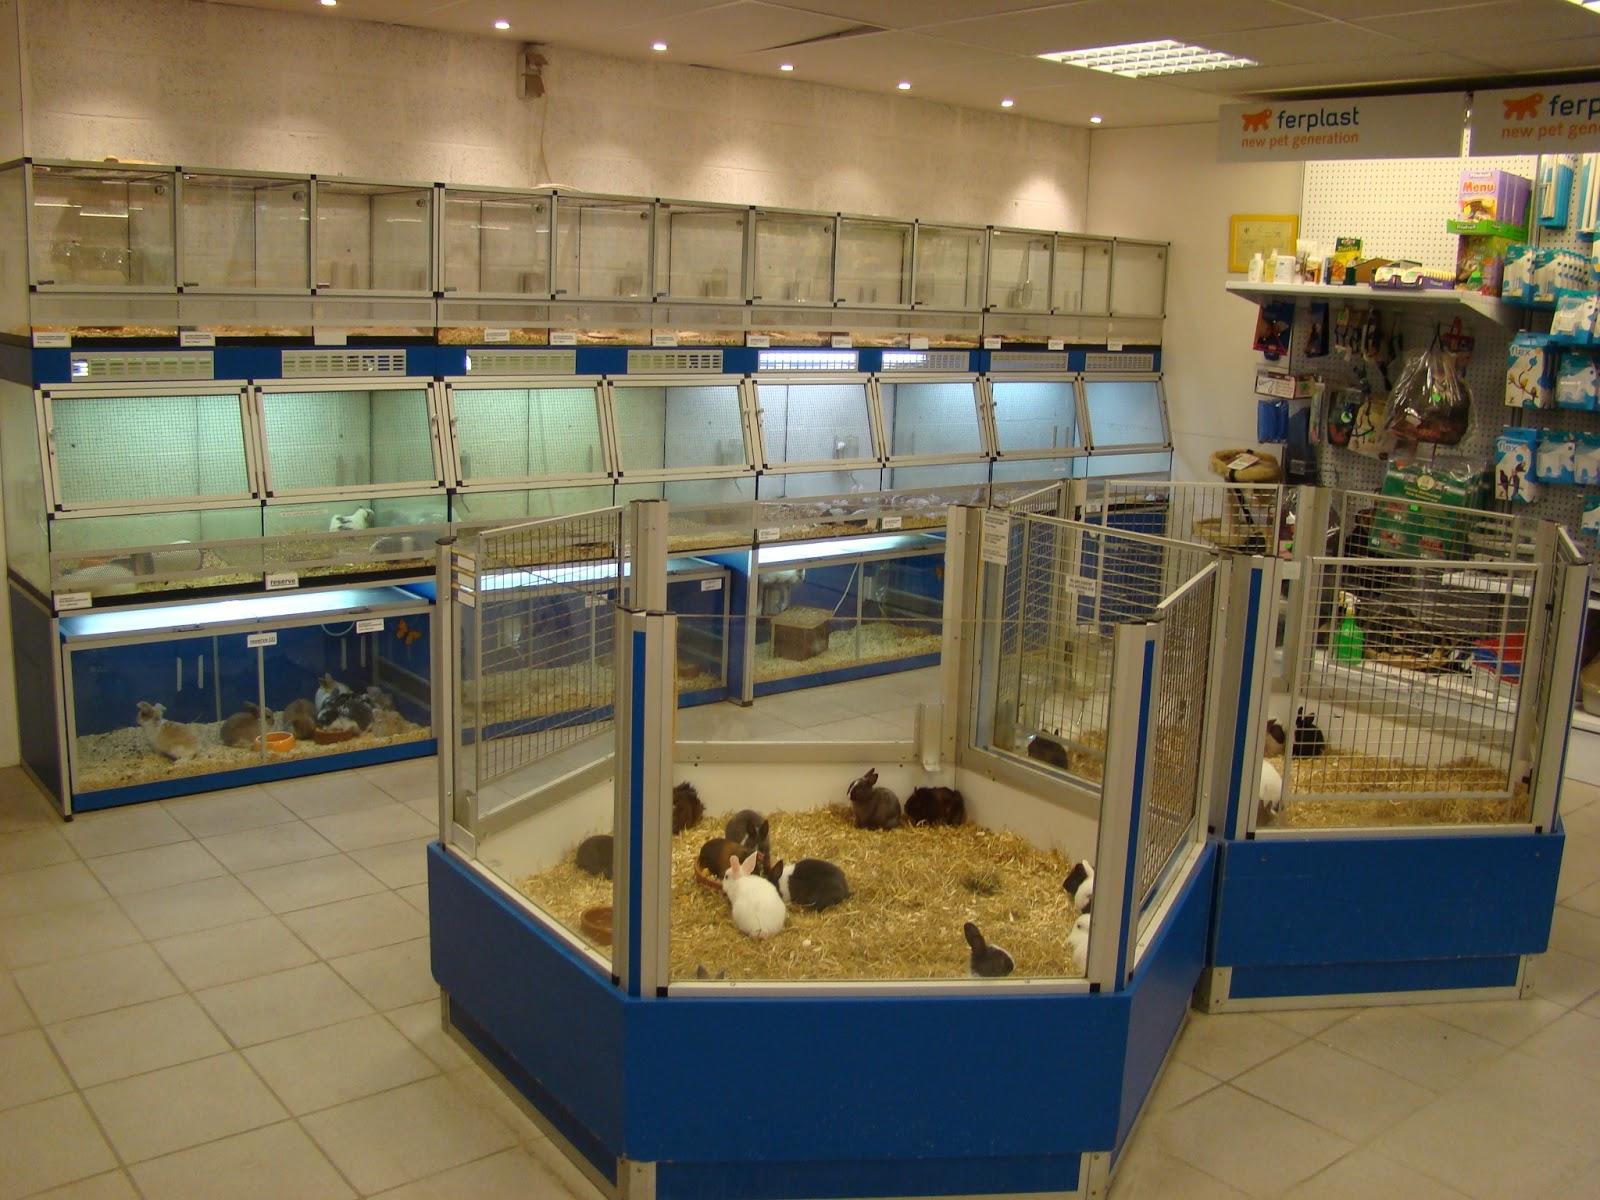 Les nouveaux animaux de compagnies l 39 achat d 39 un furet - Prix d un furet ...